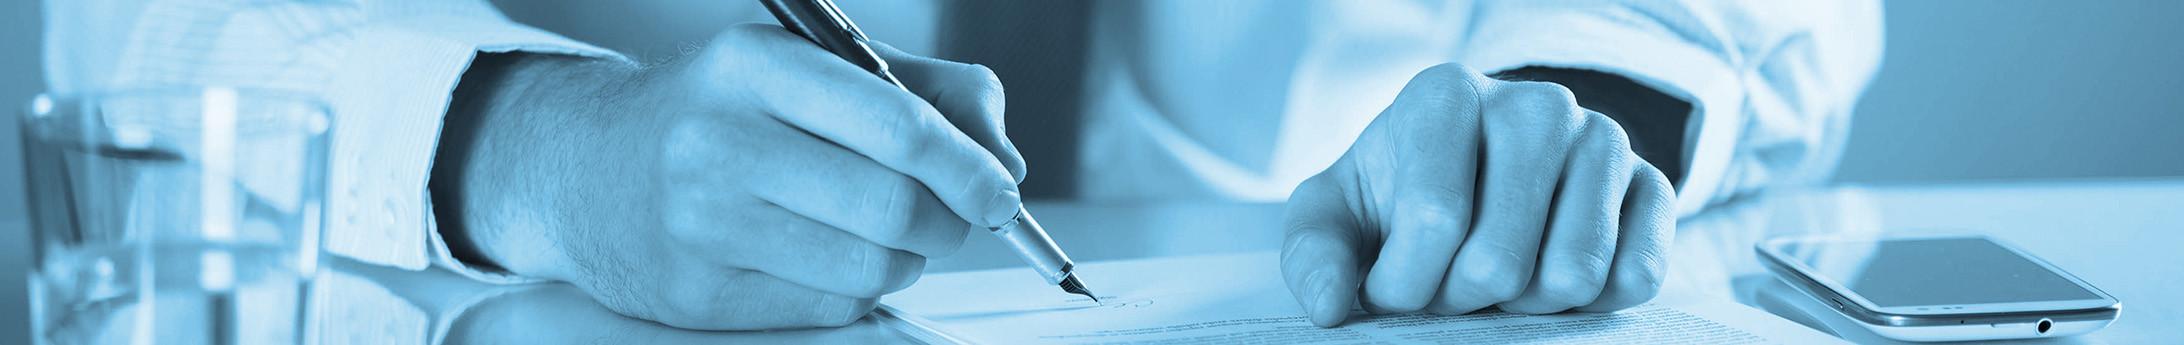 GeldigheidOnze voorwaarden zijn, zonder enig voorbehoud van de klant, onverminderd van...